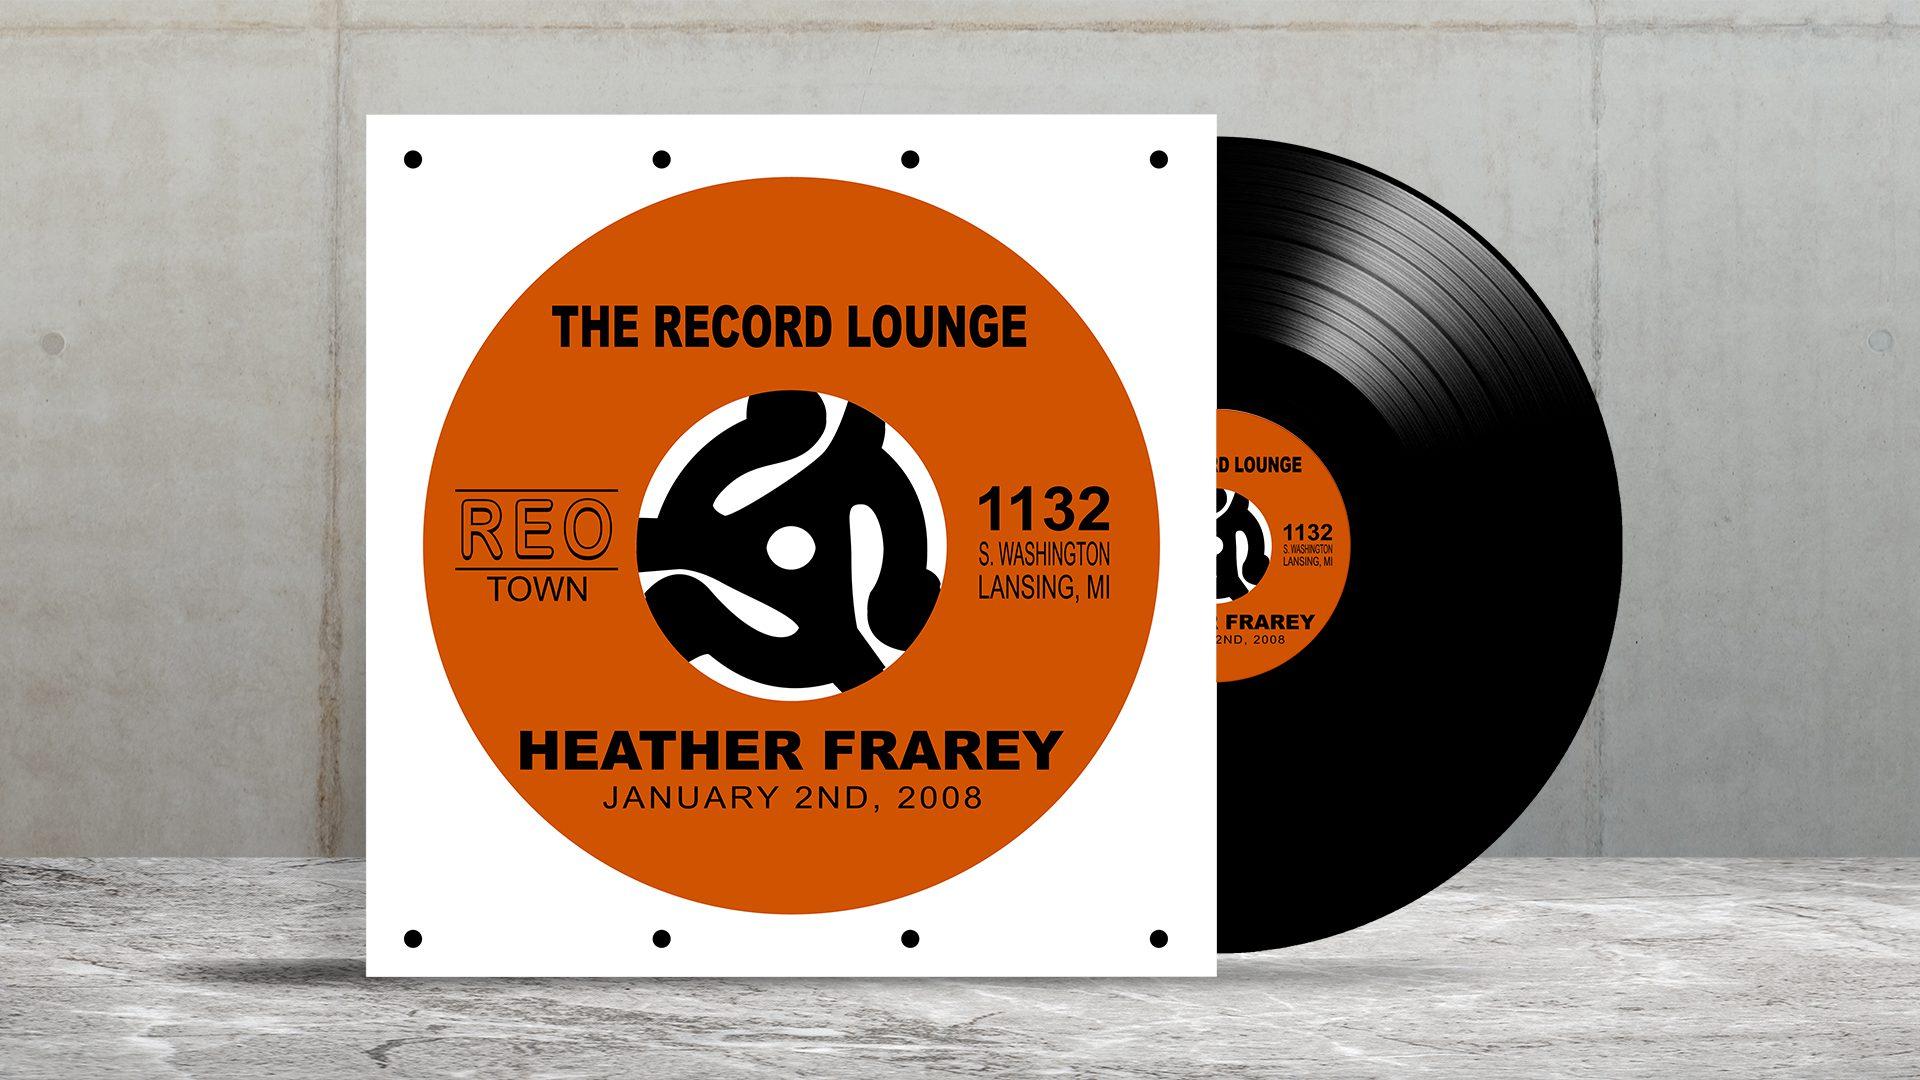 Curbstalker - Vinyl Record Art Mockup (3)